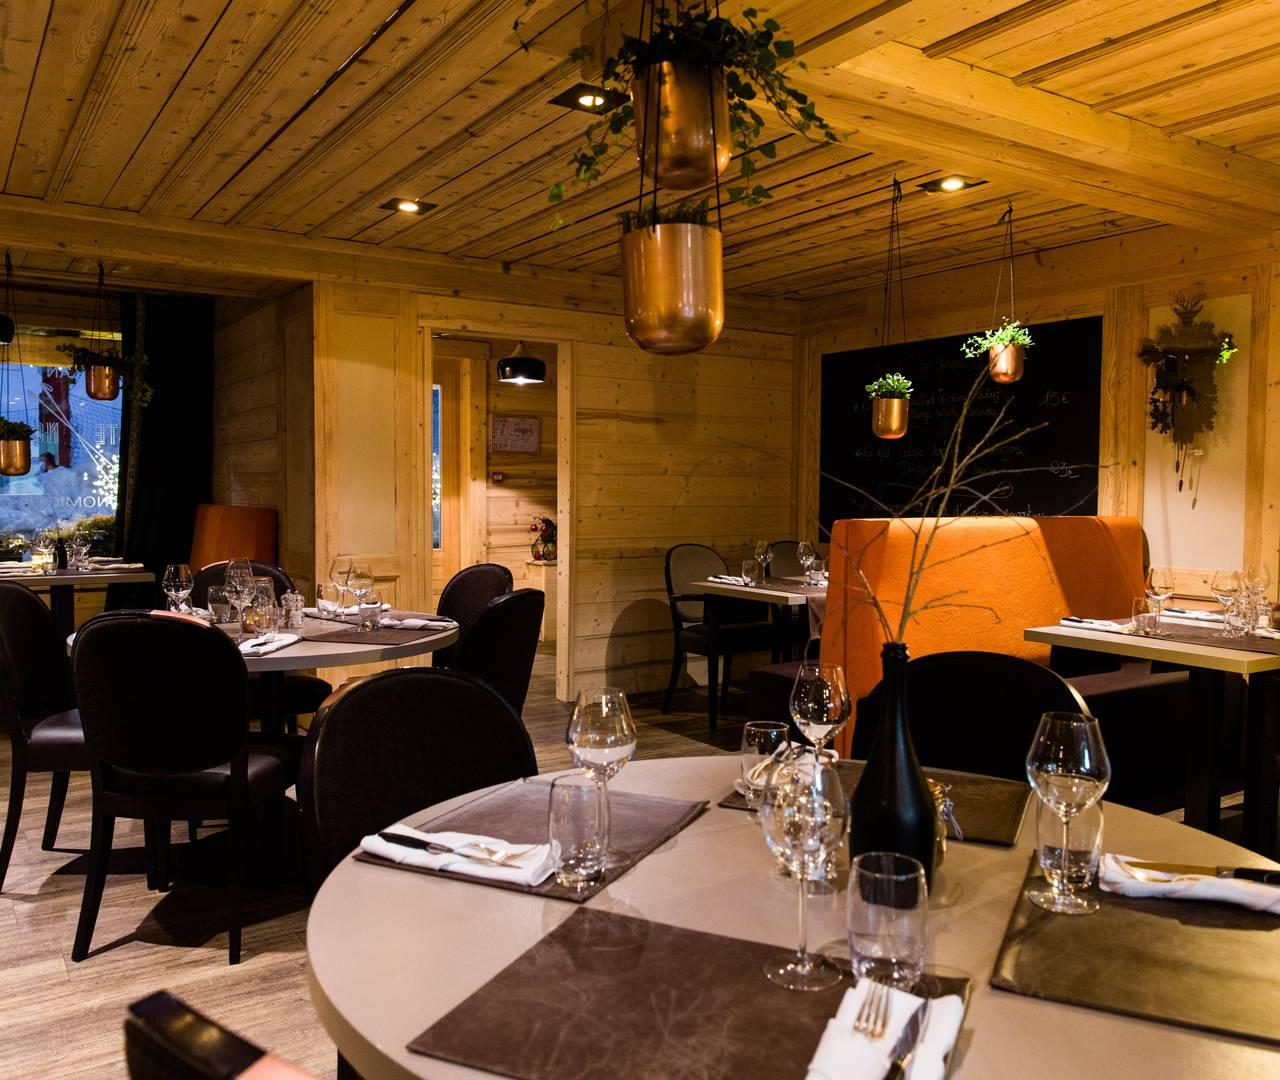 La piste noire restaurant les gets hotel la marmotte - Hotel la marmotte les gets ...